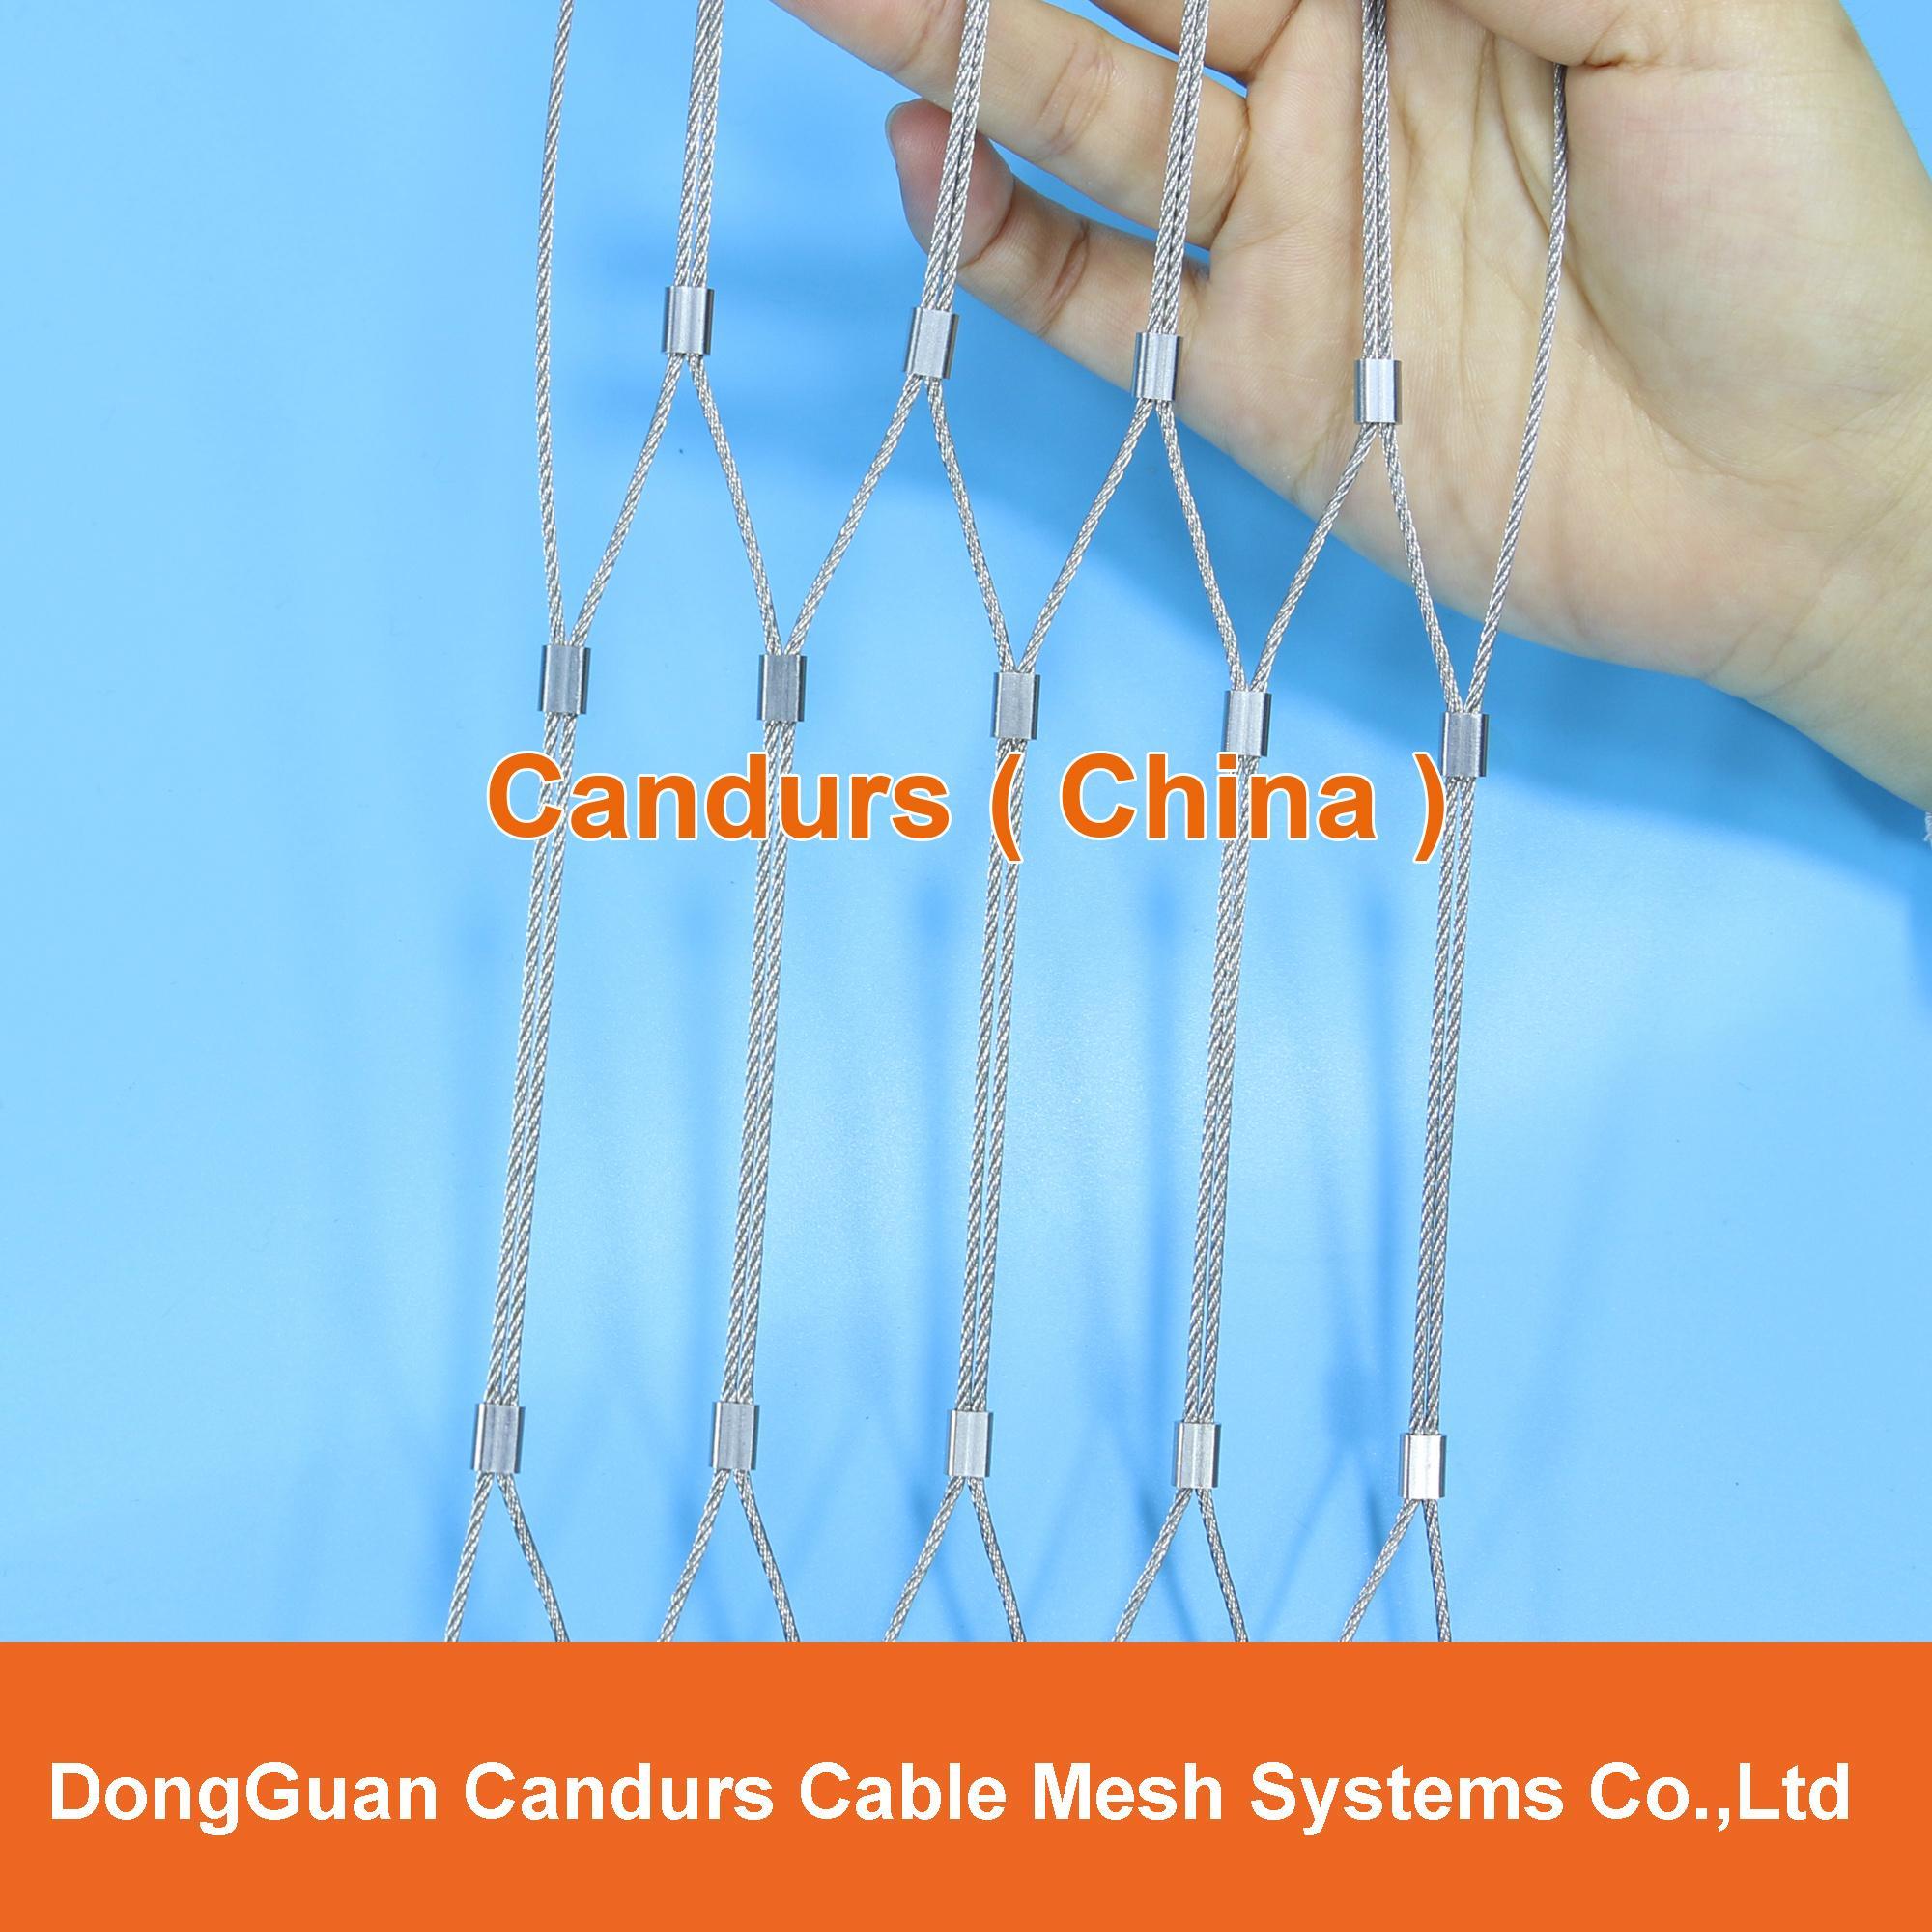 昌达不锈钢丝绳网——美标316不锈钢绳网 11